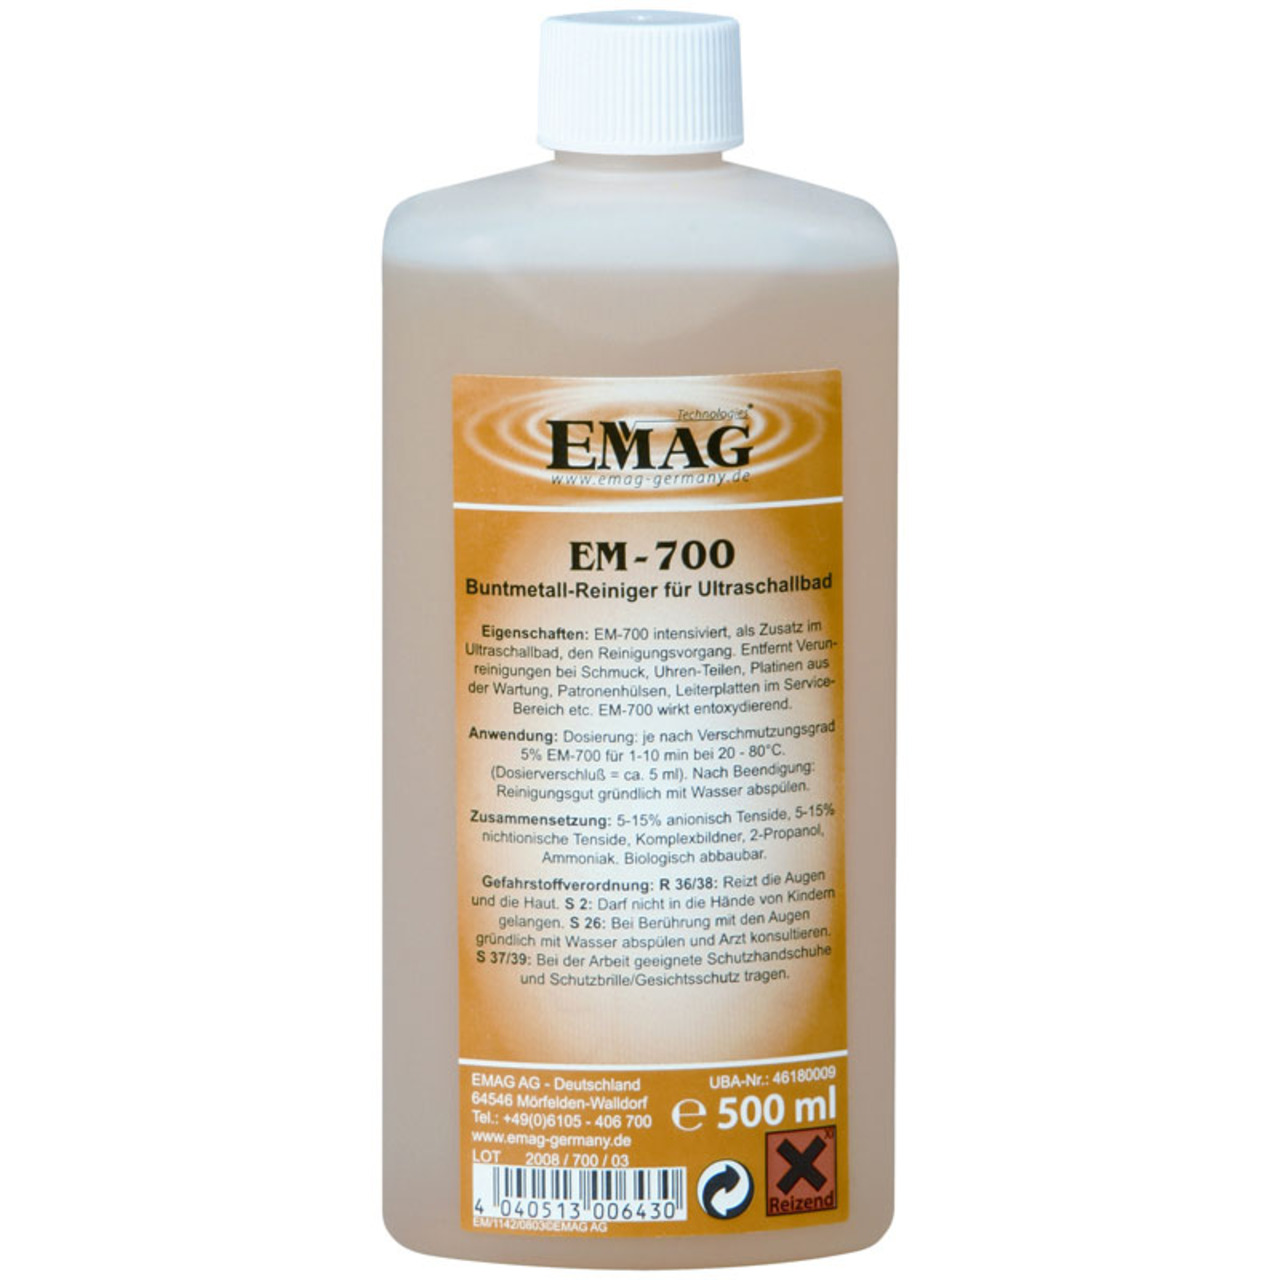 EMAG Buntmetallreiniger EM-700- 500 ml